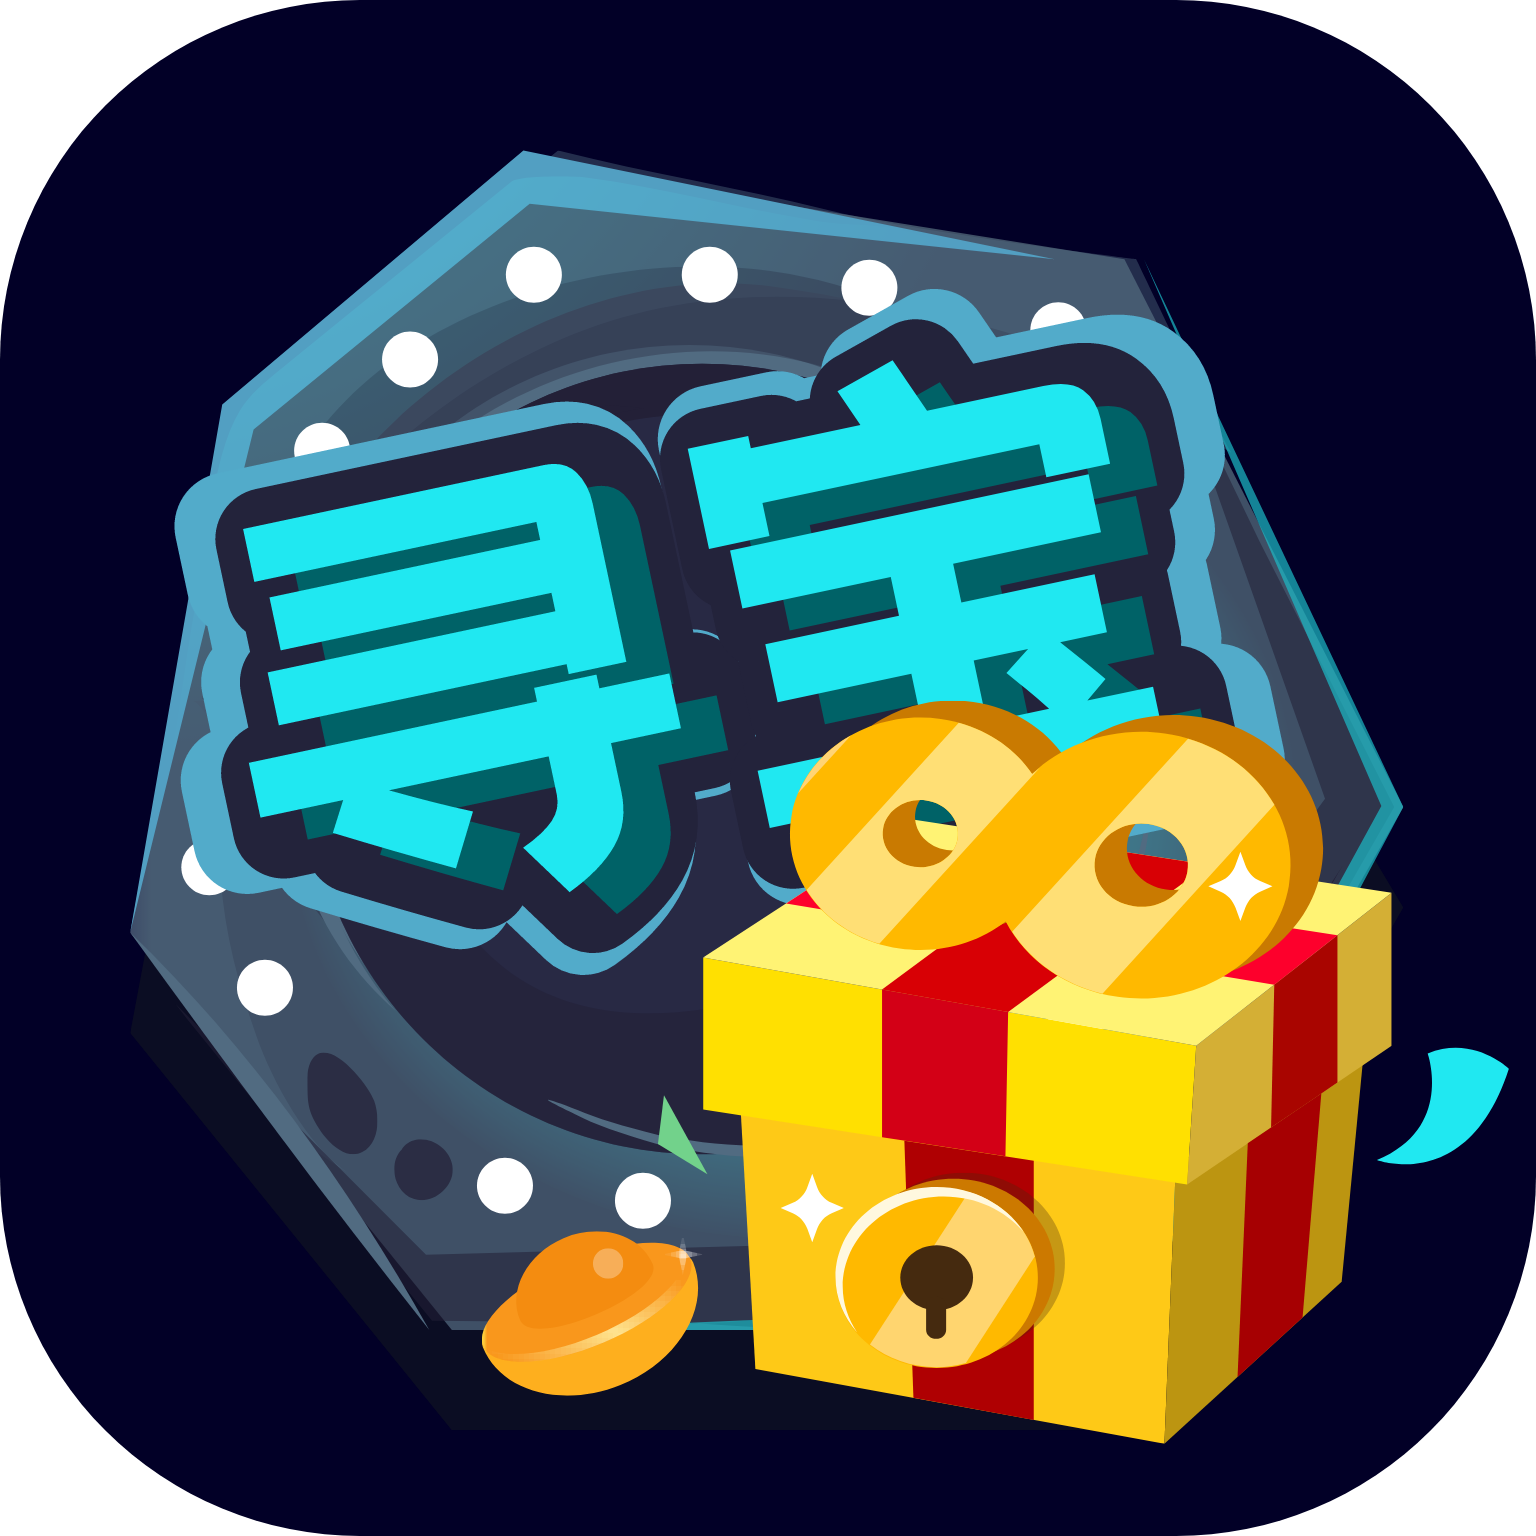 指尖寻宝appv1.0.7 官方版